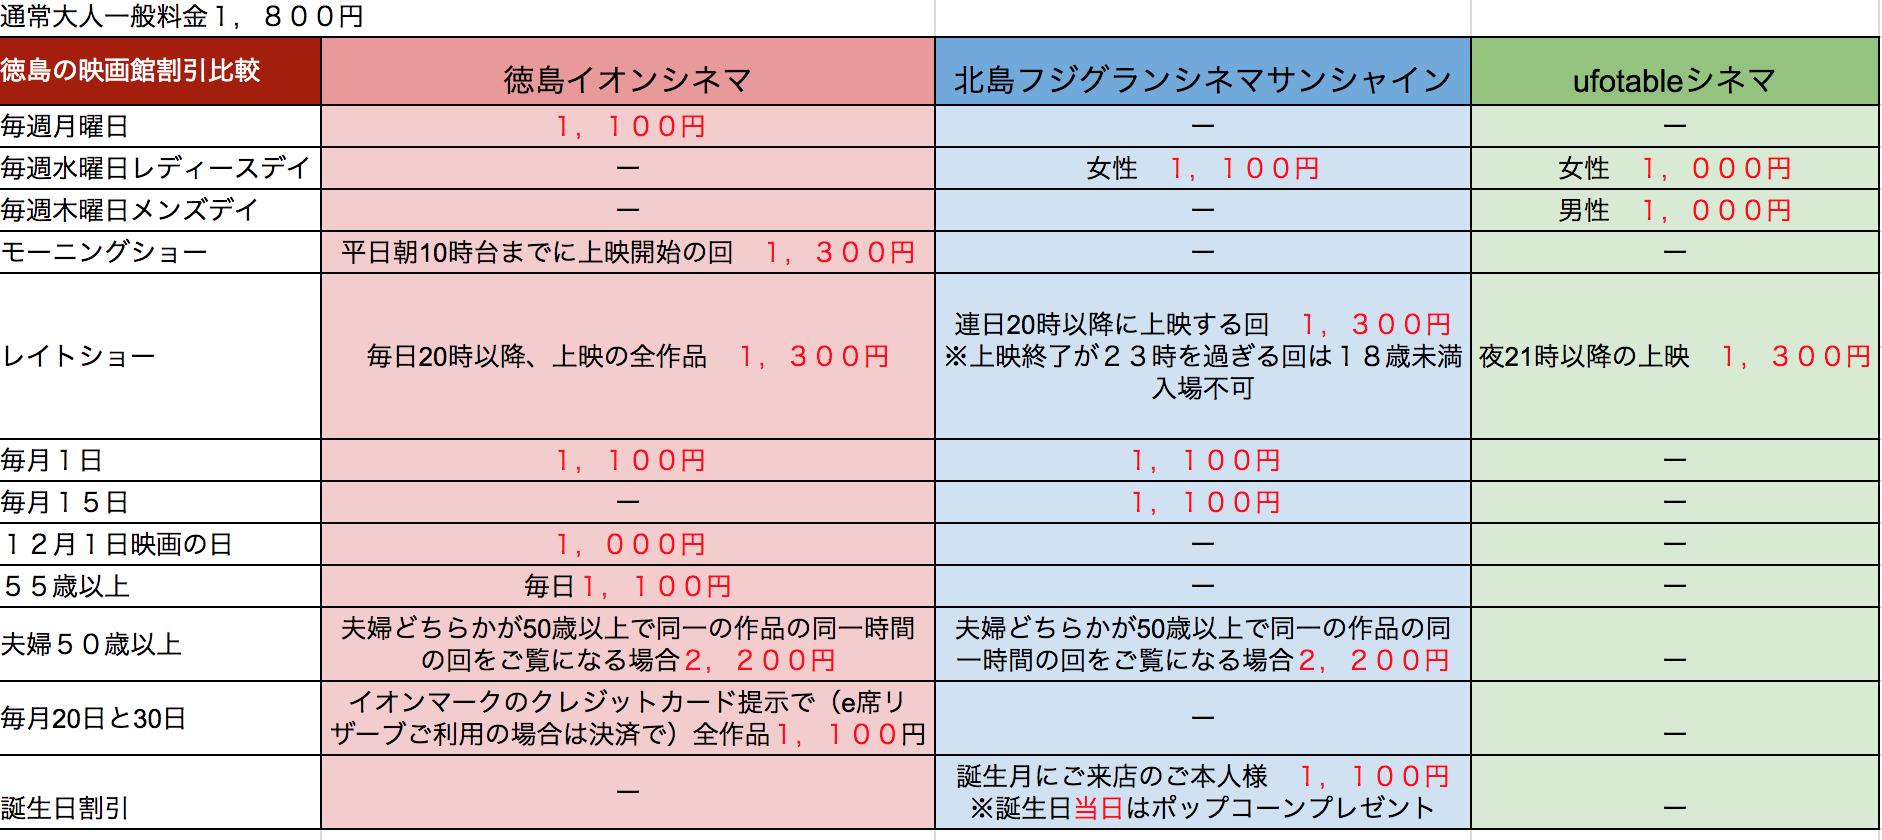 徳島映画館割引の日